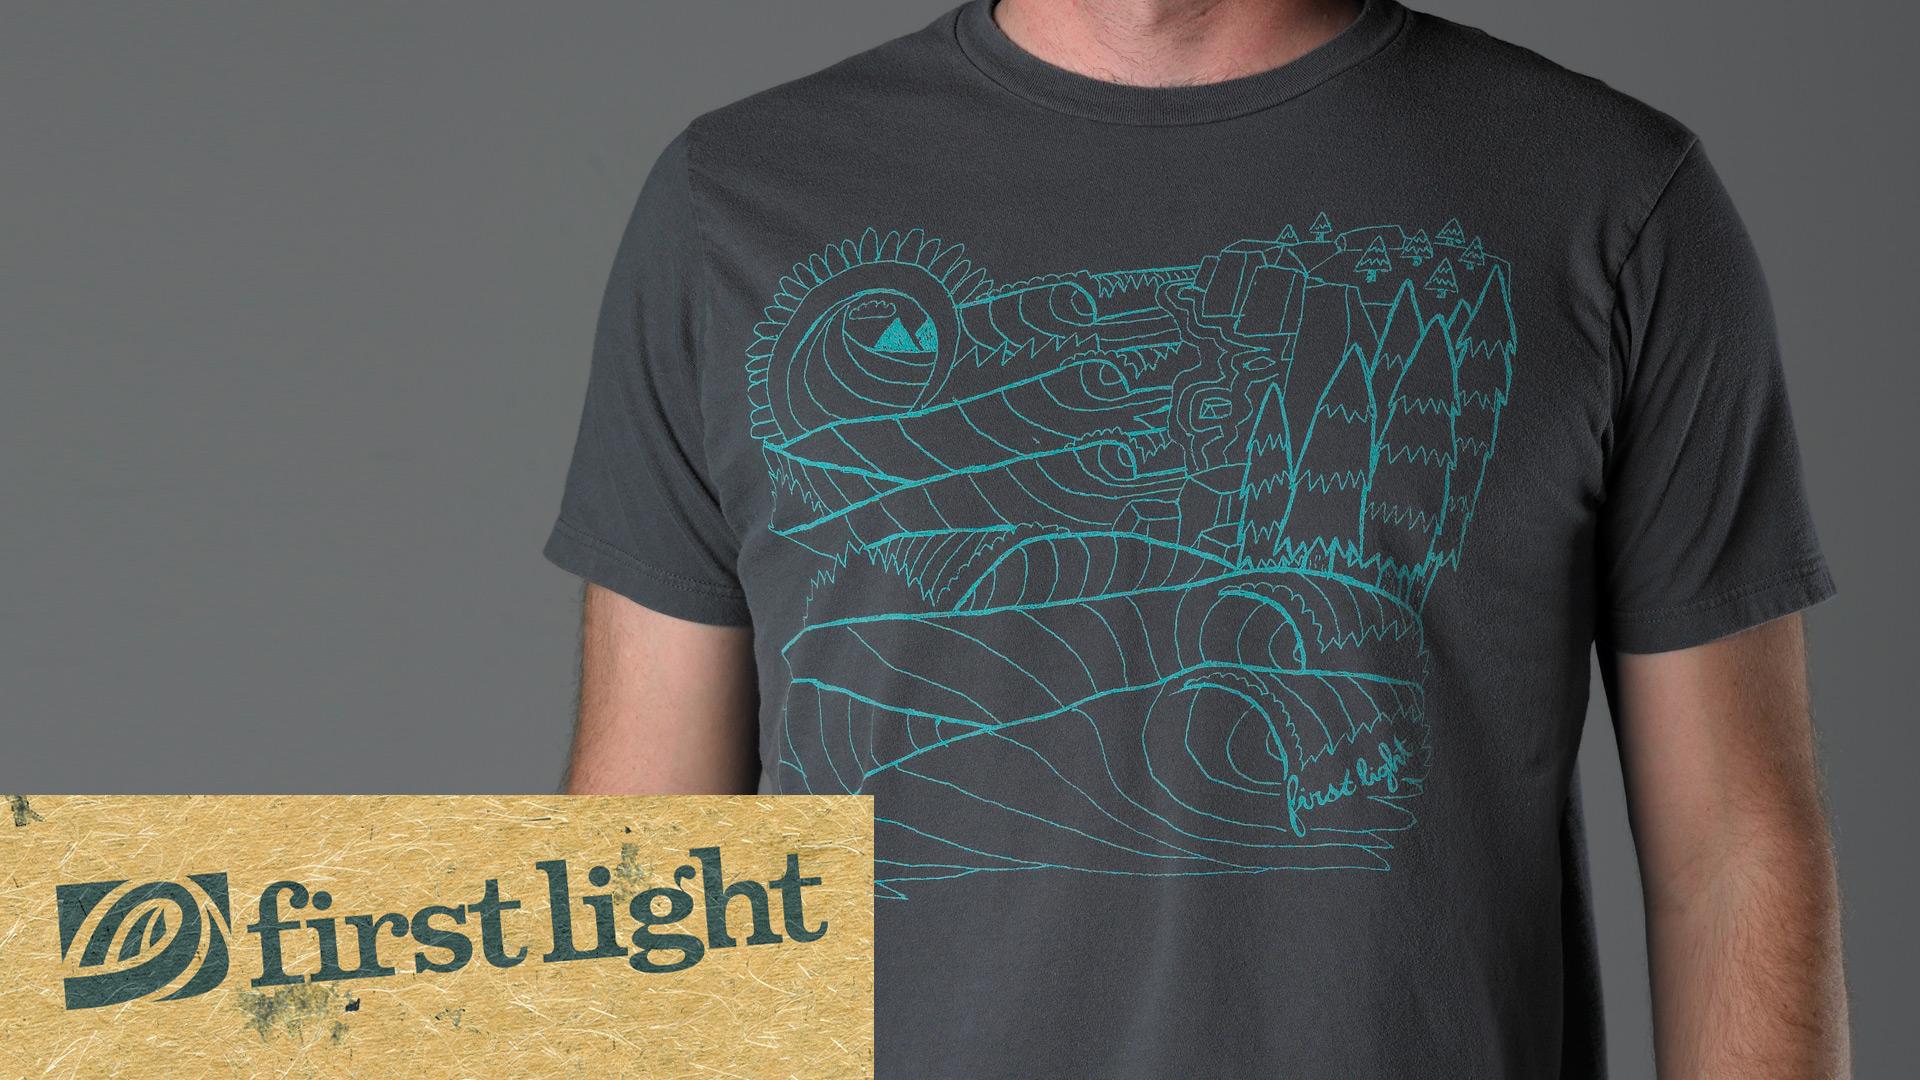 First Light Surf | Brand Development